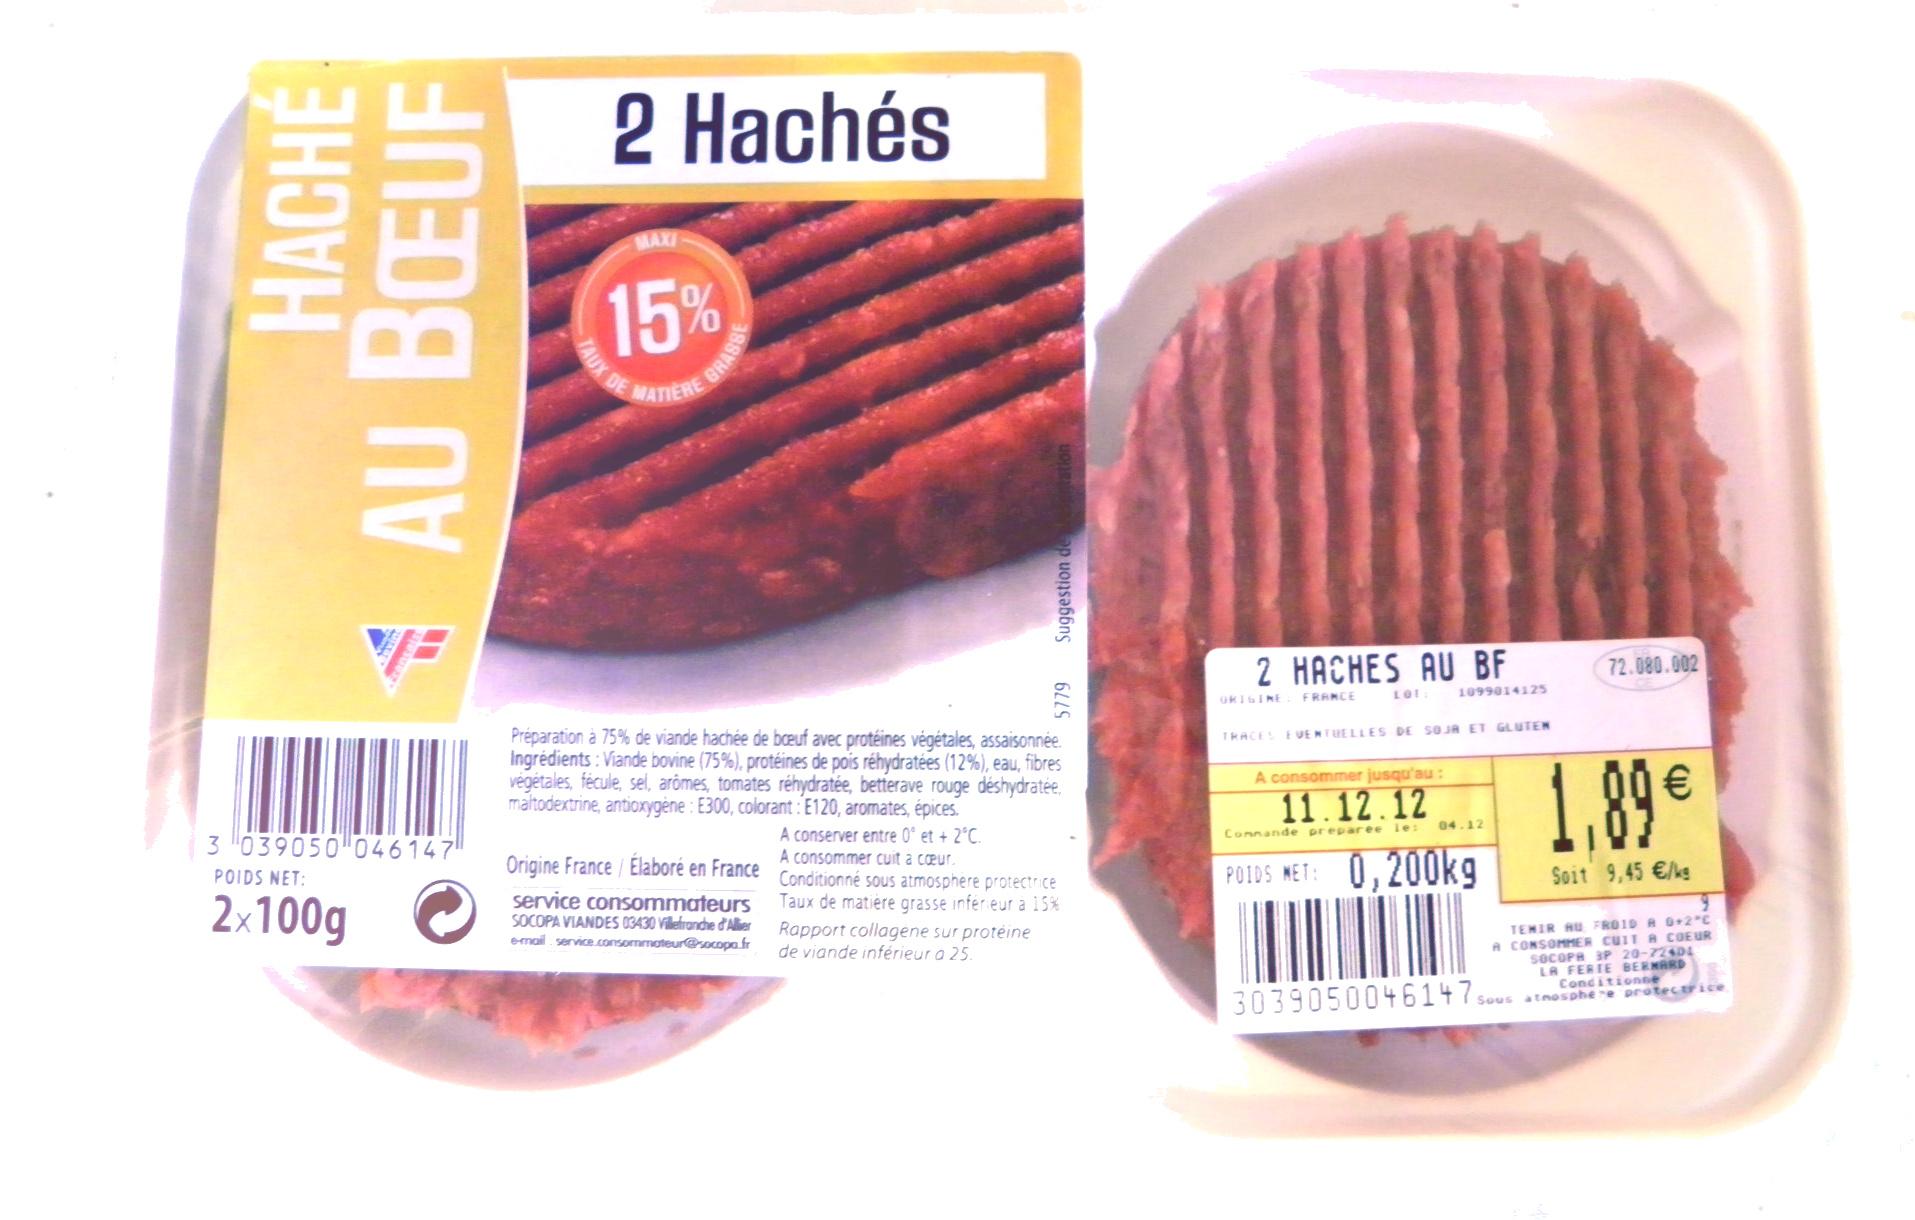 2 Hachés Au Boeuf - Produit